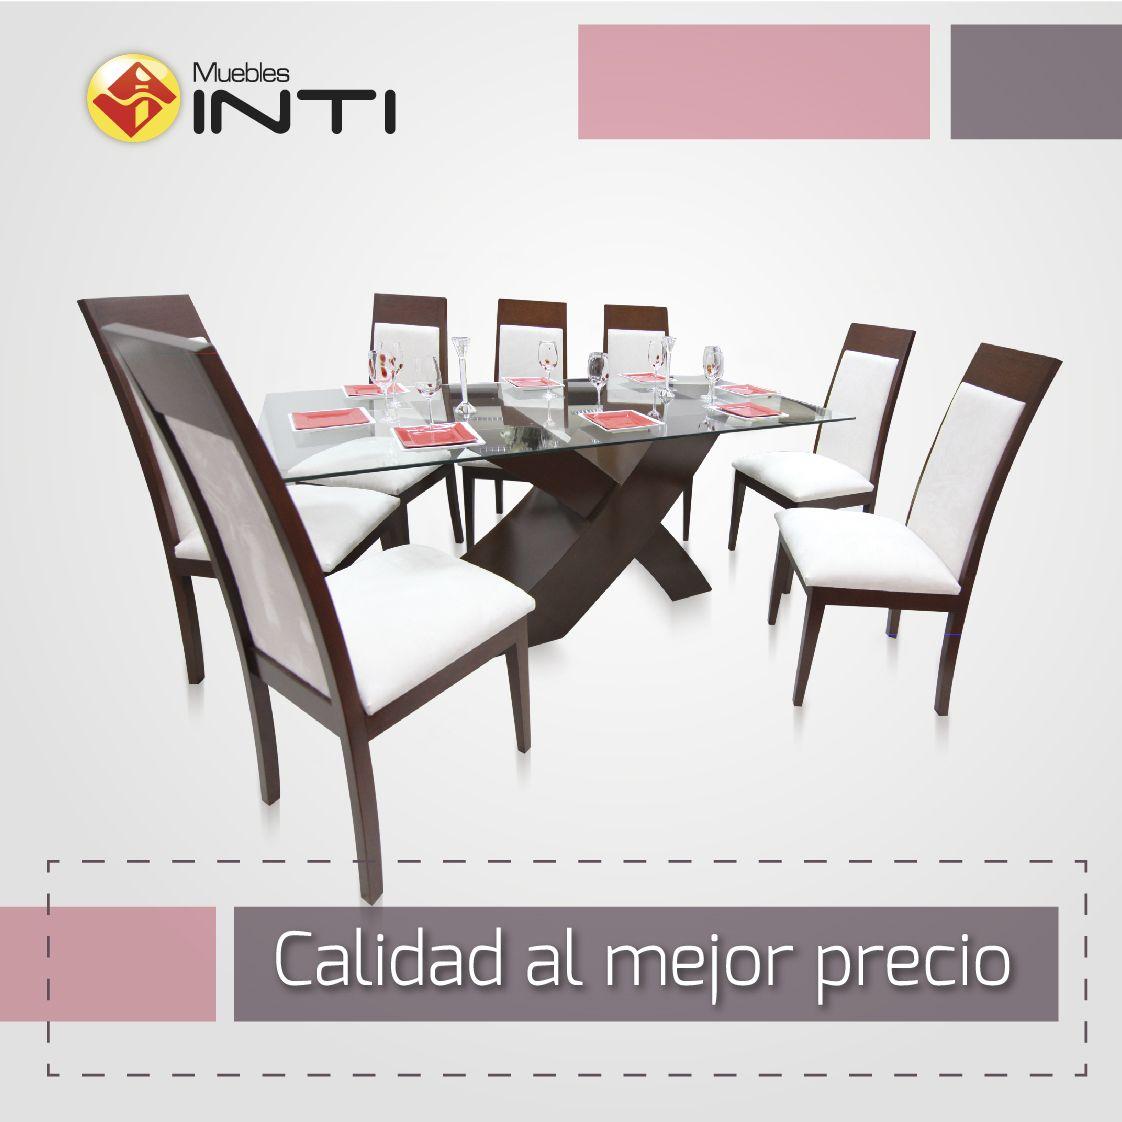 Juego de comedor de mesa con tapa de vidrio y 8 sillas casa for Juego de comedor con mesa de vidrio